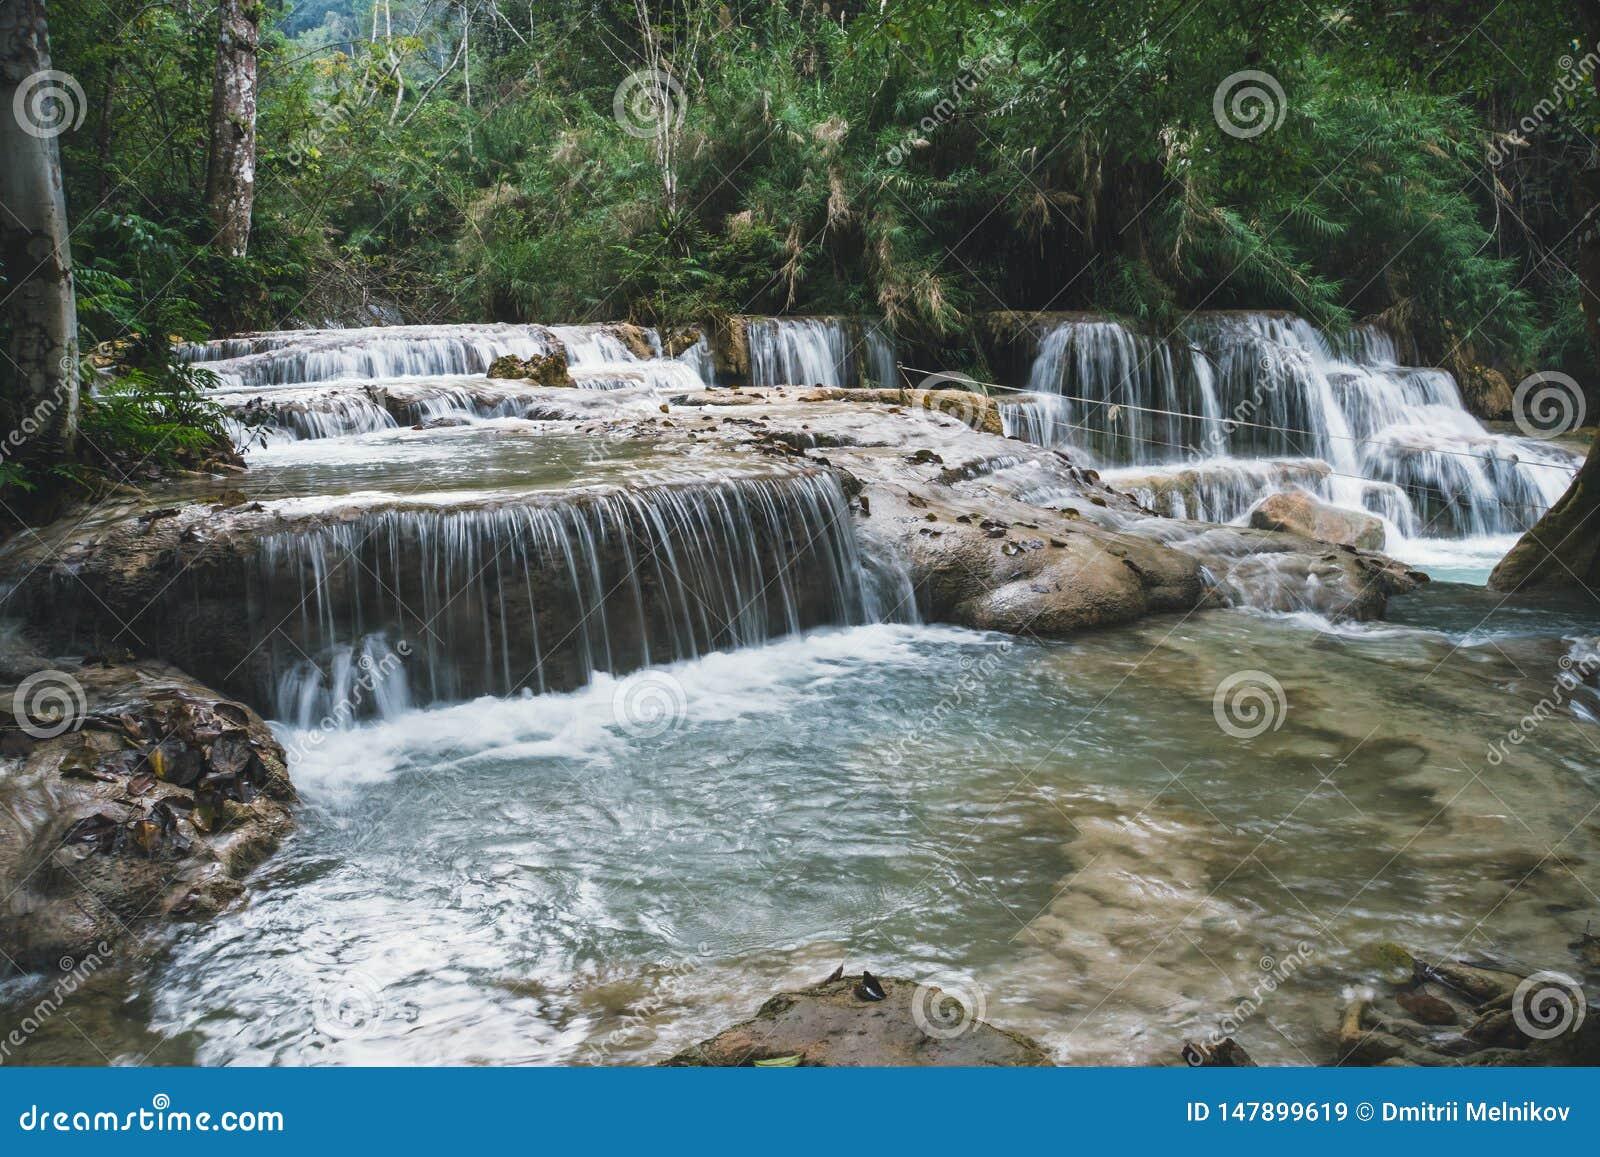 O Красивый пейзаж Водопад в диких джунглях Азиатская природа Глубокий водопад леса на соотечественнике водопада Erawan